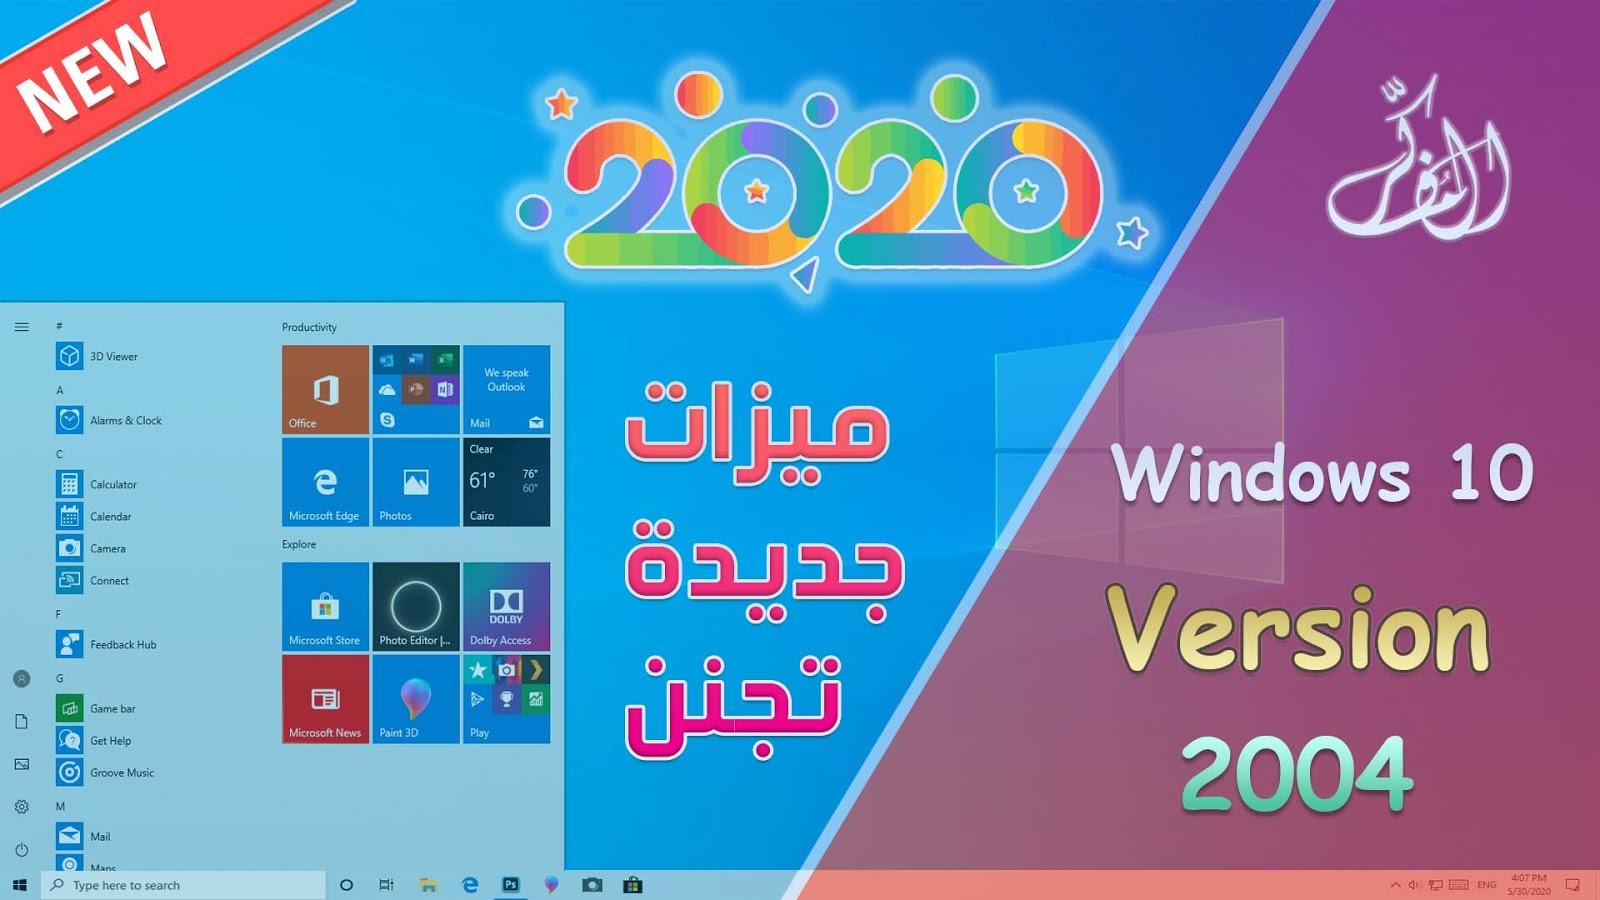 تحميل ويندوز 10 الجديد تحديث مايو 2020 إصدار 2004 من الموقع الرسمي ISO